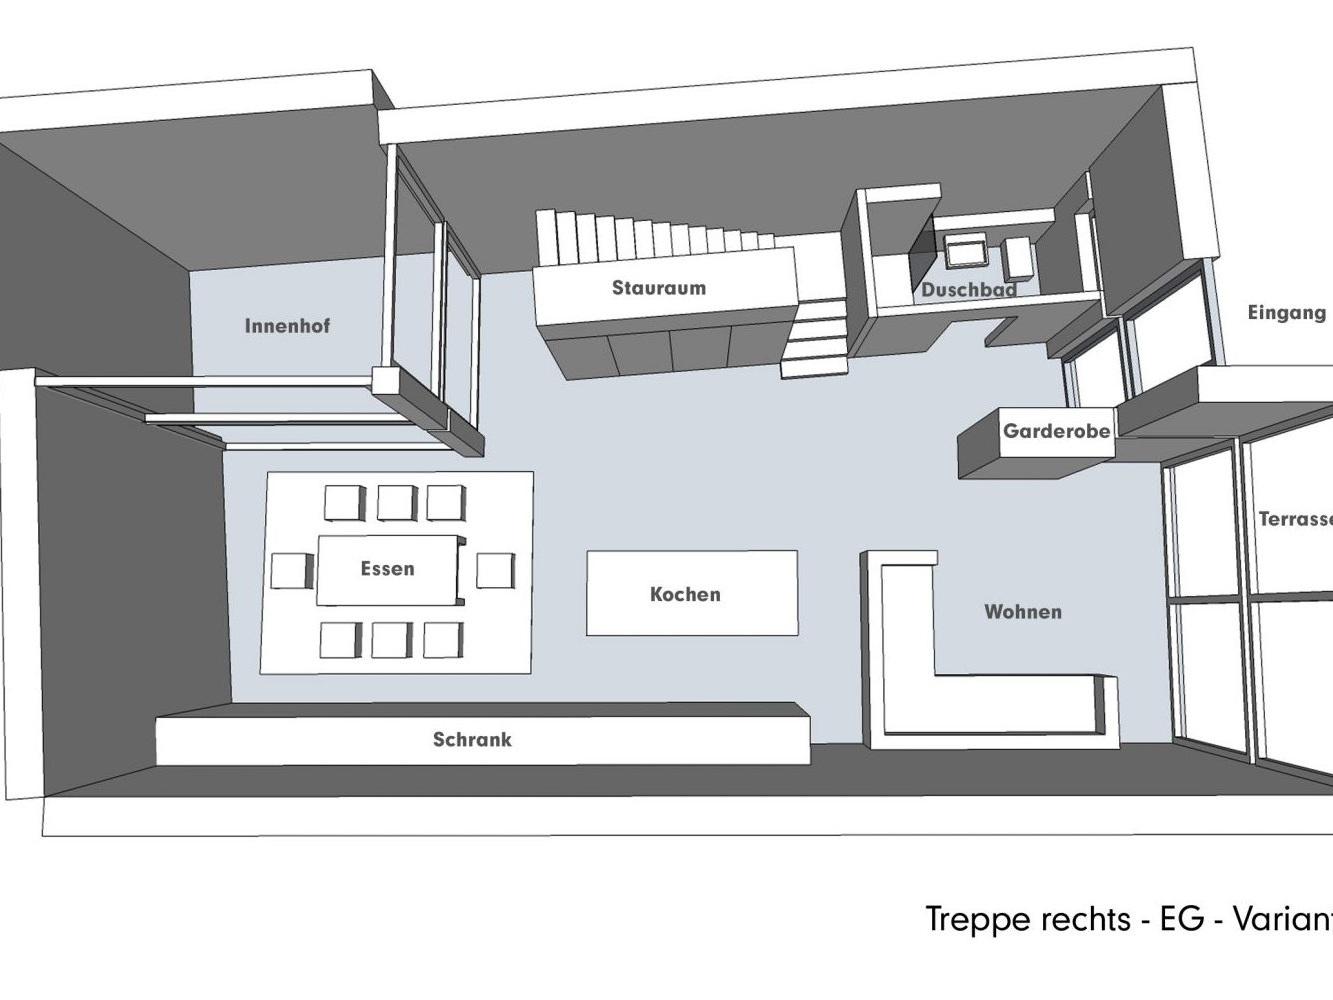 Nutzungskonzepte für Neubau - Treppe rechts - EG - Variante B